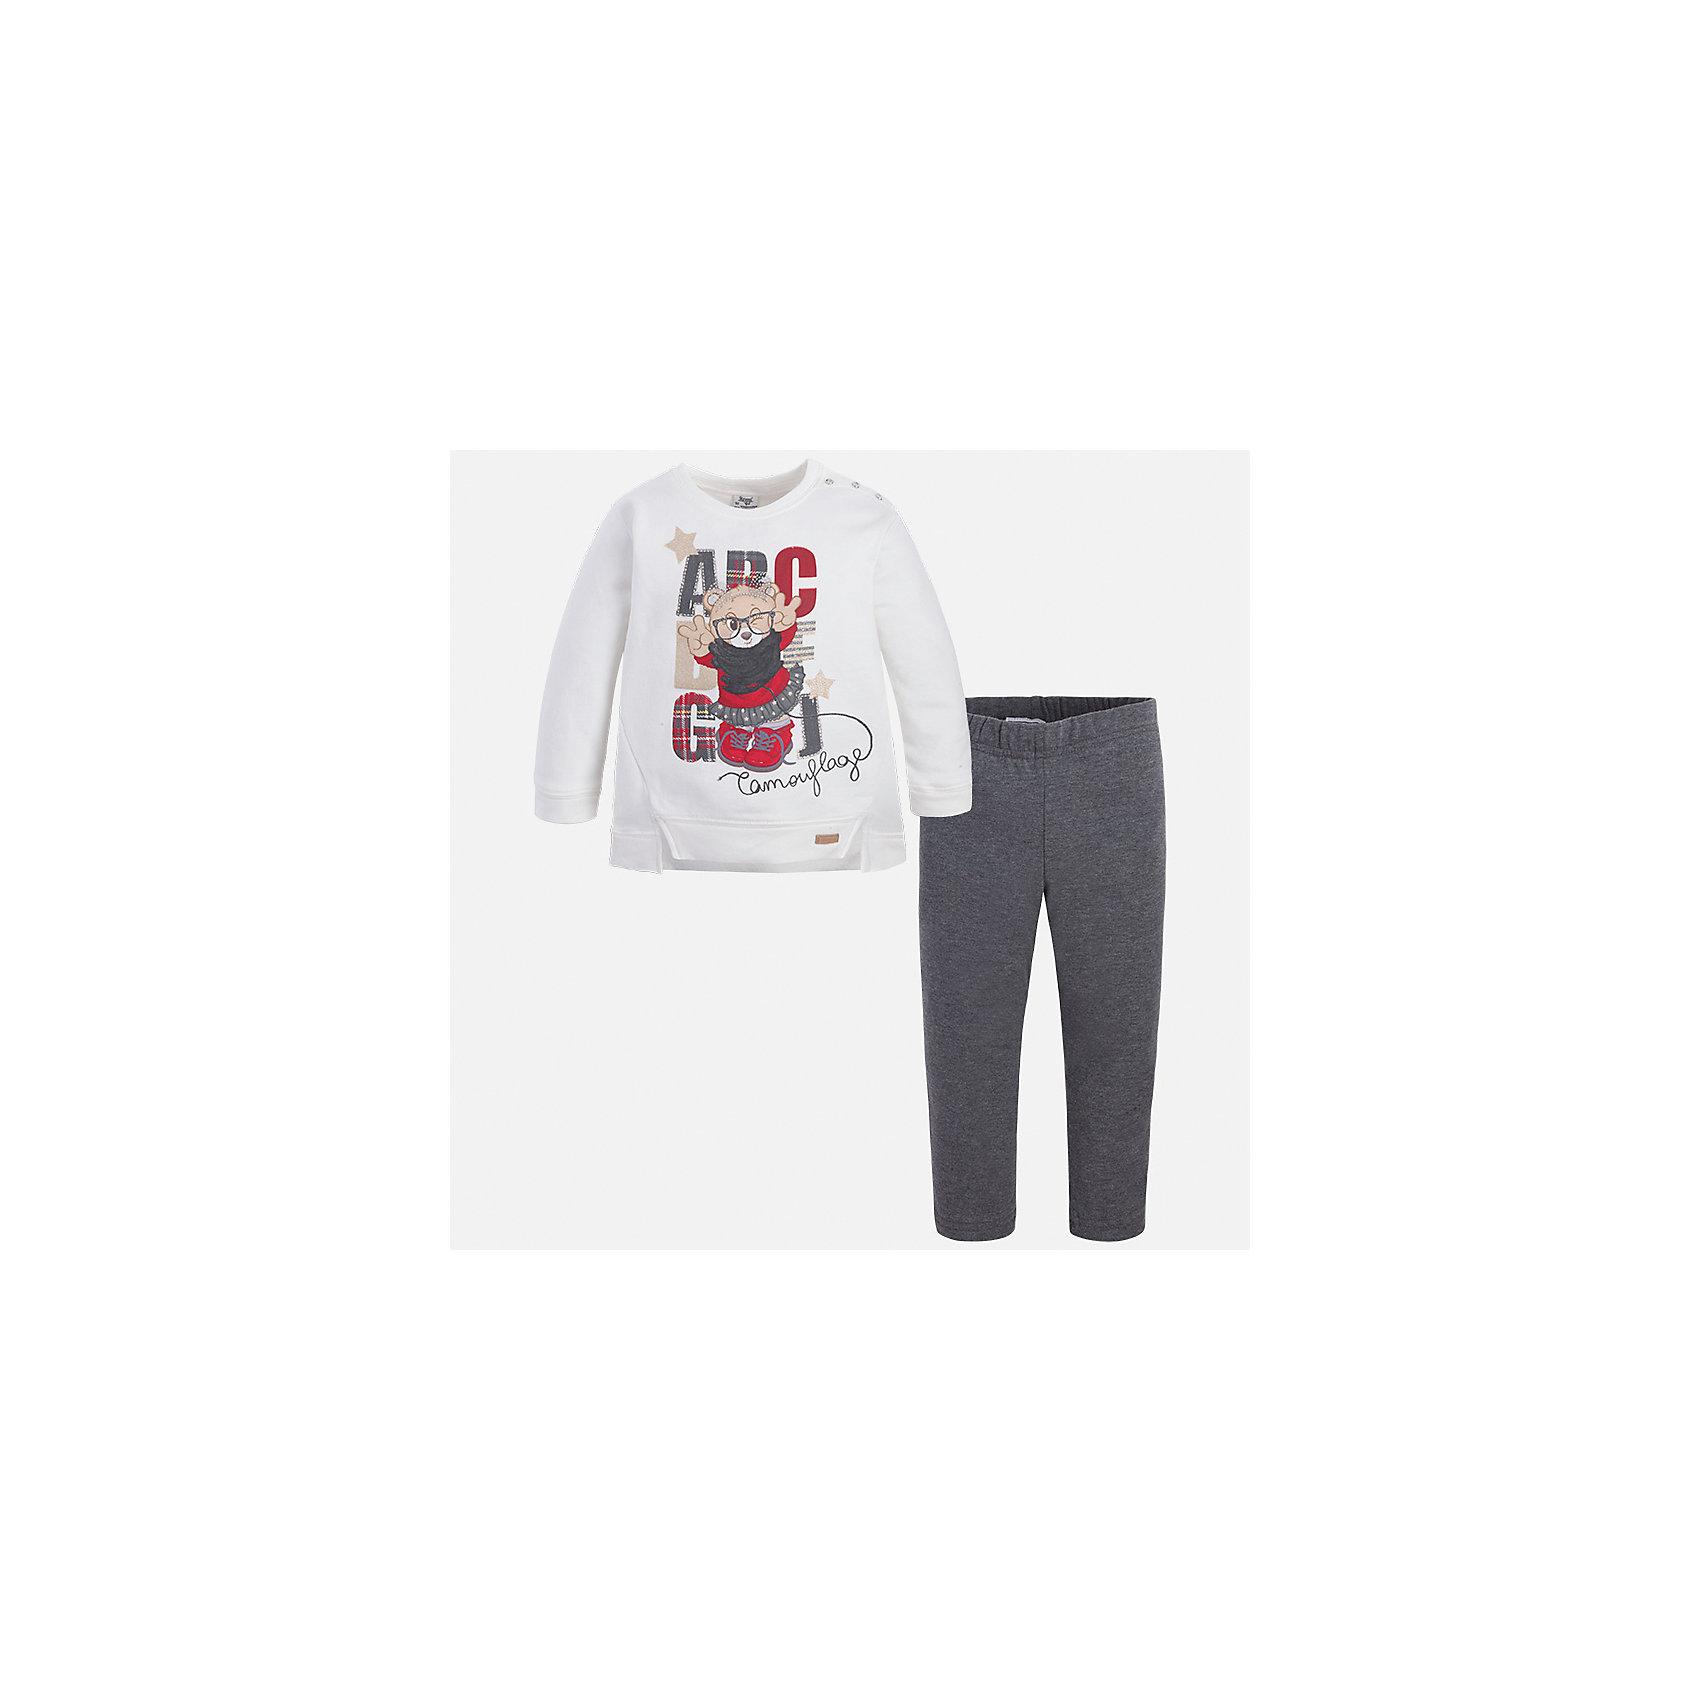 Комплект: блузка и леггинсы для девочки MayoralКомплекты<br>Характеристики товара:<br><br>• цвет: белый/серый<br>• состав ткани: блузка - 95% хлопок, 5% эластан, брюки - 47% хлопок, 48% полиэстер, 5% эластан<br>• комплектация: блузка и леггинсы<br>• сезон: демисезон<br>• особенности модели: принт с блестками<br>• длинные рукава<br>• пояс: резинка <br>• страна бренда: Испания<br>• страна изготовитель: Индия<br><br>Симпатичный детский комплект из блузки и леггинсов подойдет для ношения в разных случаях. Отличный способ обеспечить ребенку тепло и комфорт - надеть детские блузку и леггинсы от Mayoral. Детские леггинсы сшиты из приятного на ощупь материала. Блуза для девочки Mayoral удобно сидит по фигуре. <br><br>Комплект: блузка и леггинсы для девочки Mayoral (Майорал) можно купить в нашем интернет-магазине.<br><br>Ширина мм: 123<br>Глубина мм: 10<br>Высота мм: 149<br>Вес г: 209<br>Цвет: белый/серый<br>Возраст от месяцев: 96<br>Возраст до месяцев: 108<br>Пол: Женский<br>Возраст: Детский<br>Размер: 134,92,98,104,110,116,122,128<br>SKU: 6945090